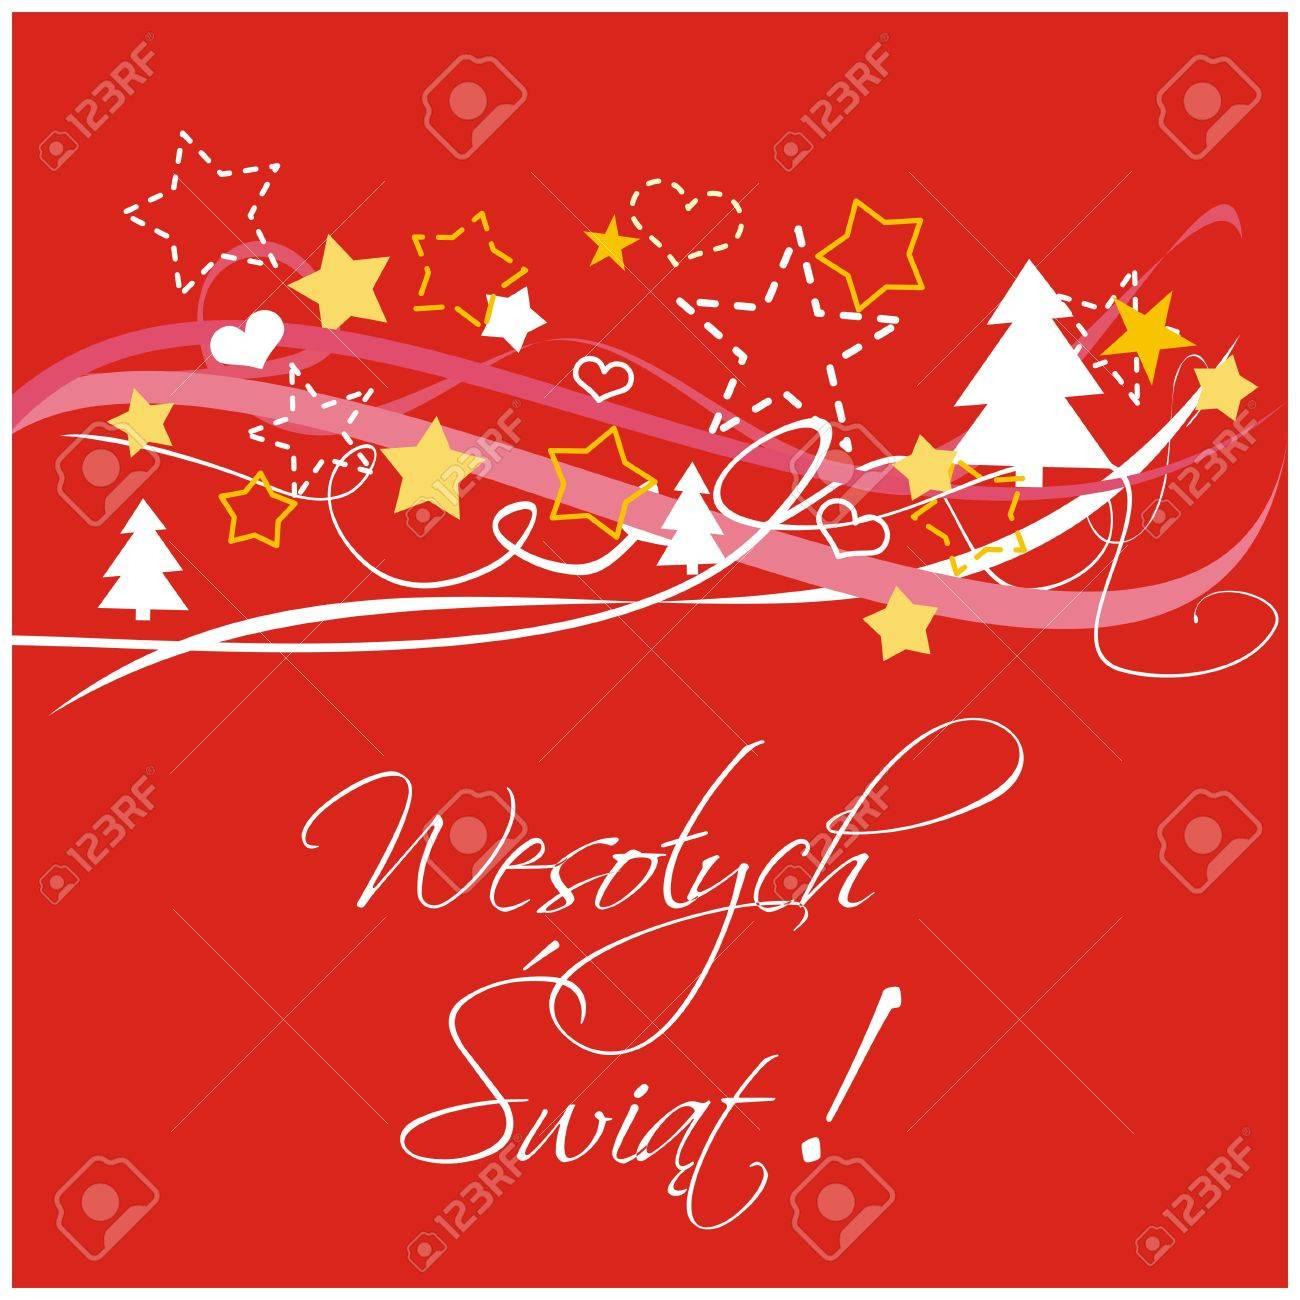 Frohe weihnachten wunschen polnisch